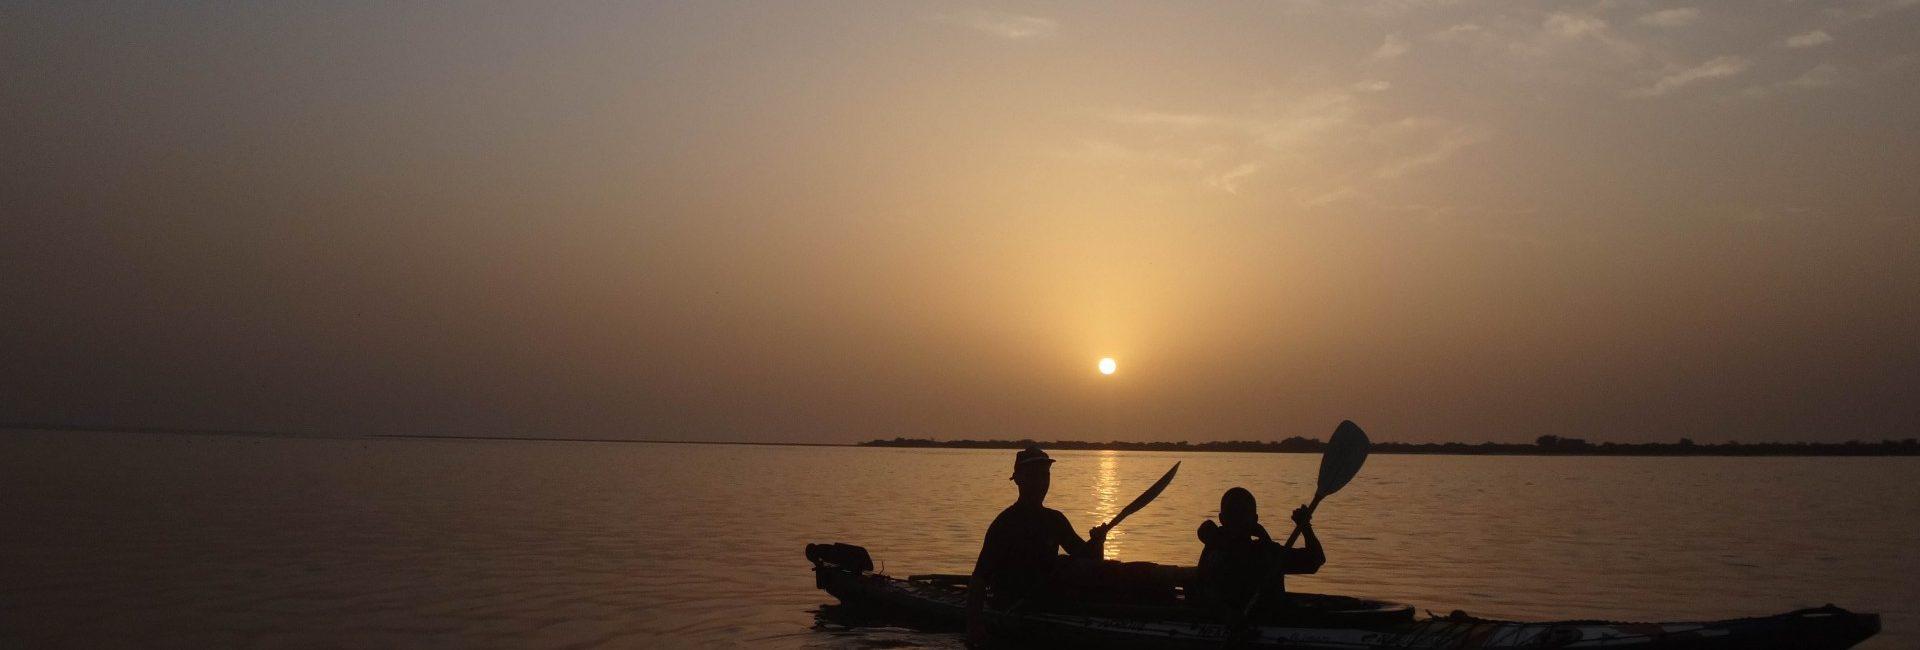 nautiraid-kayak-sunset-mer